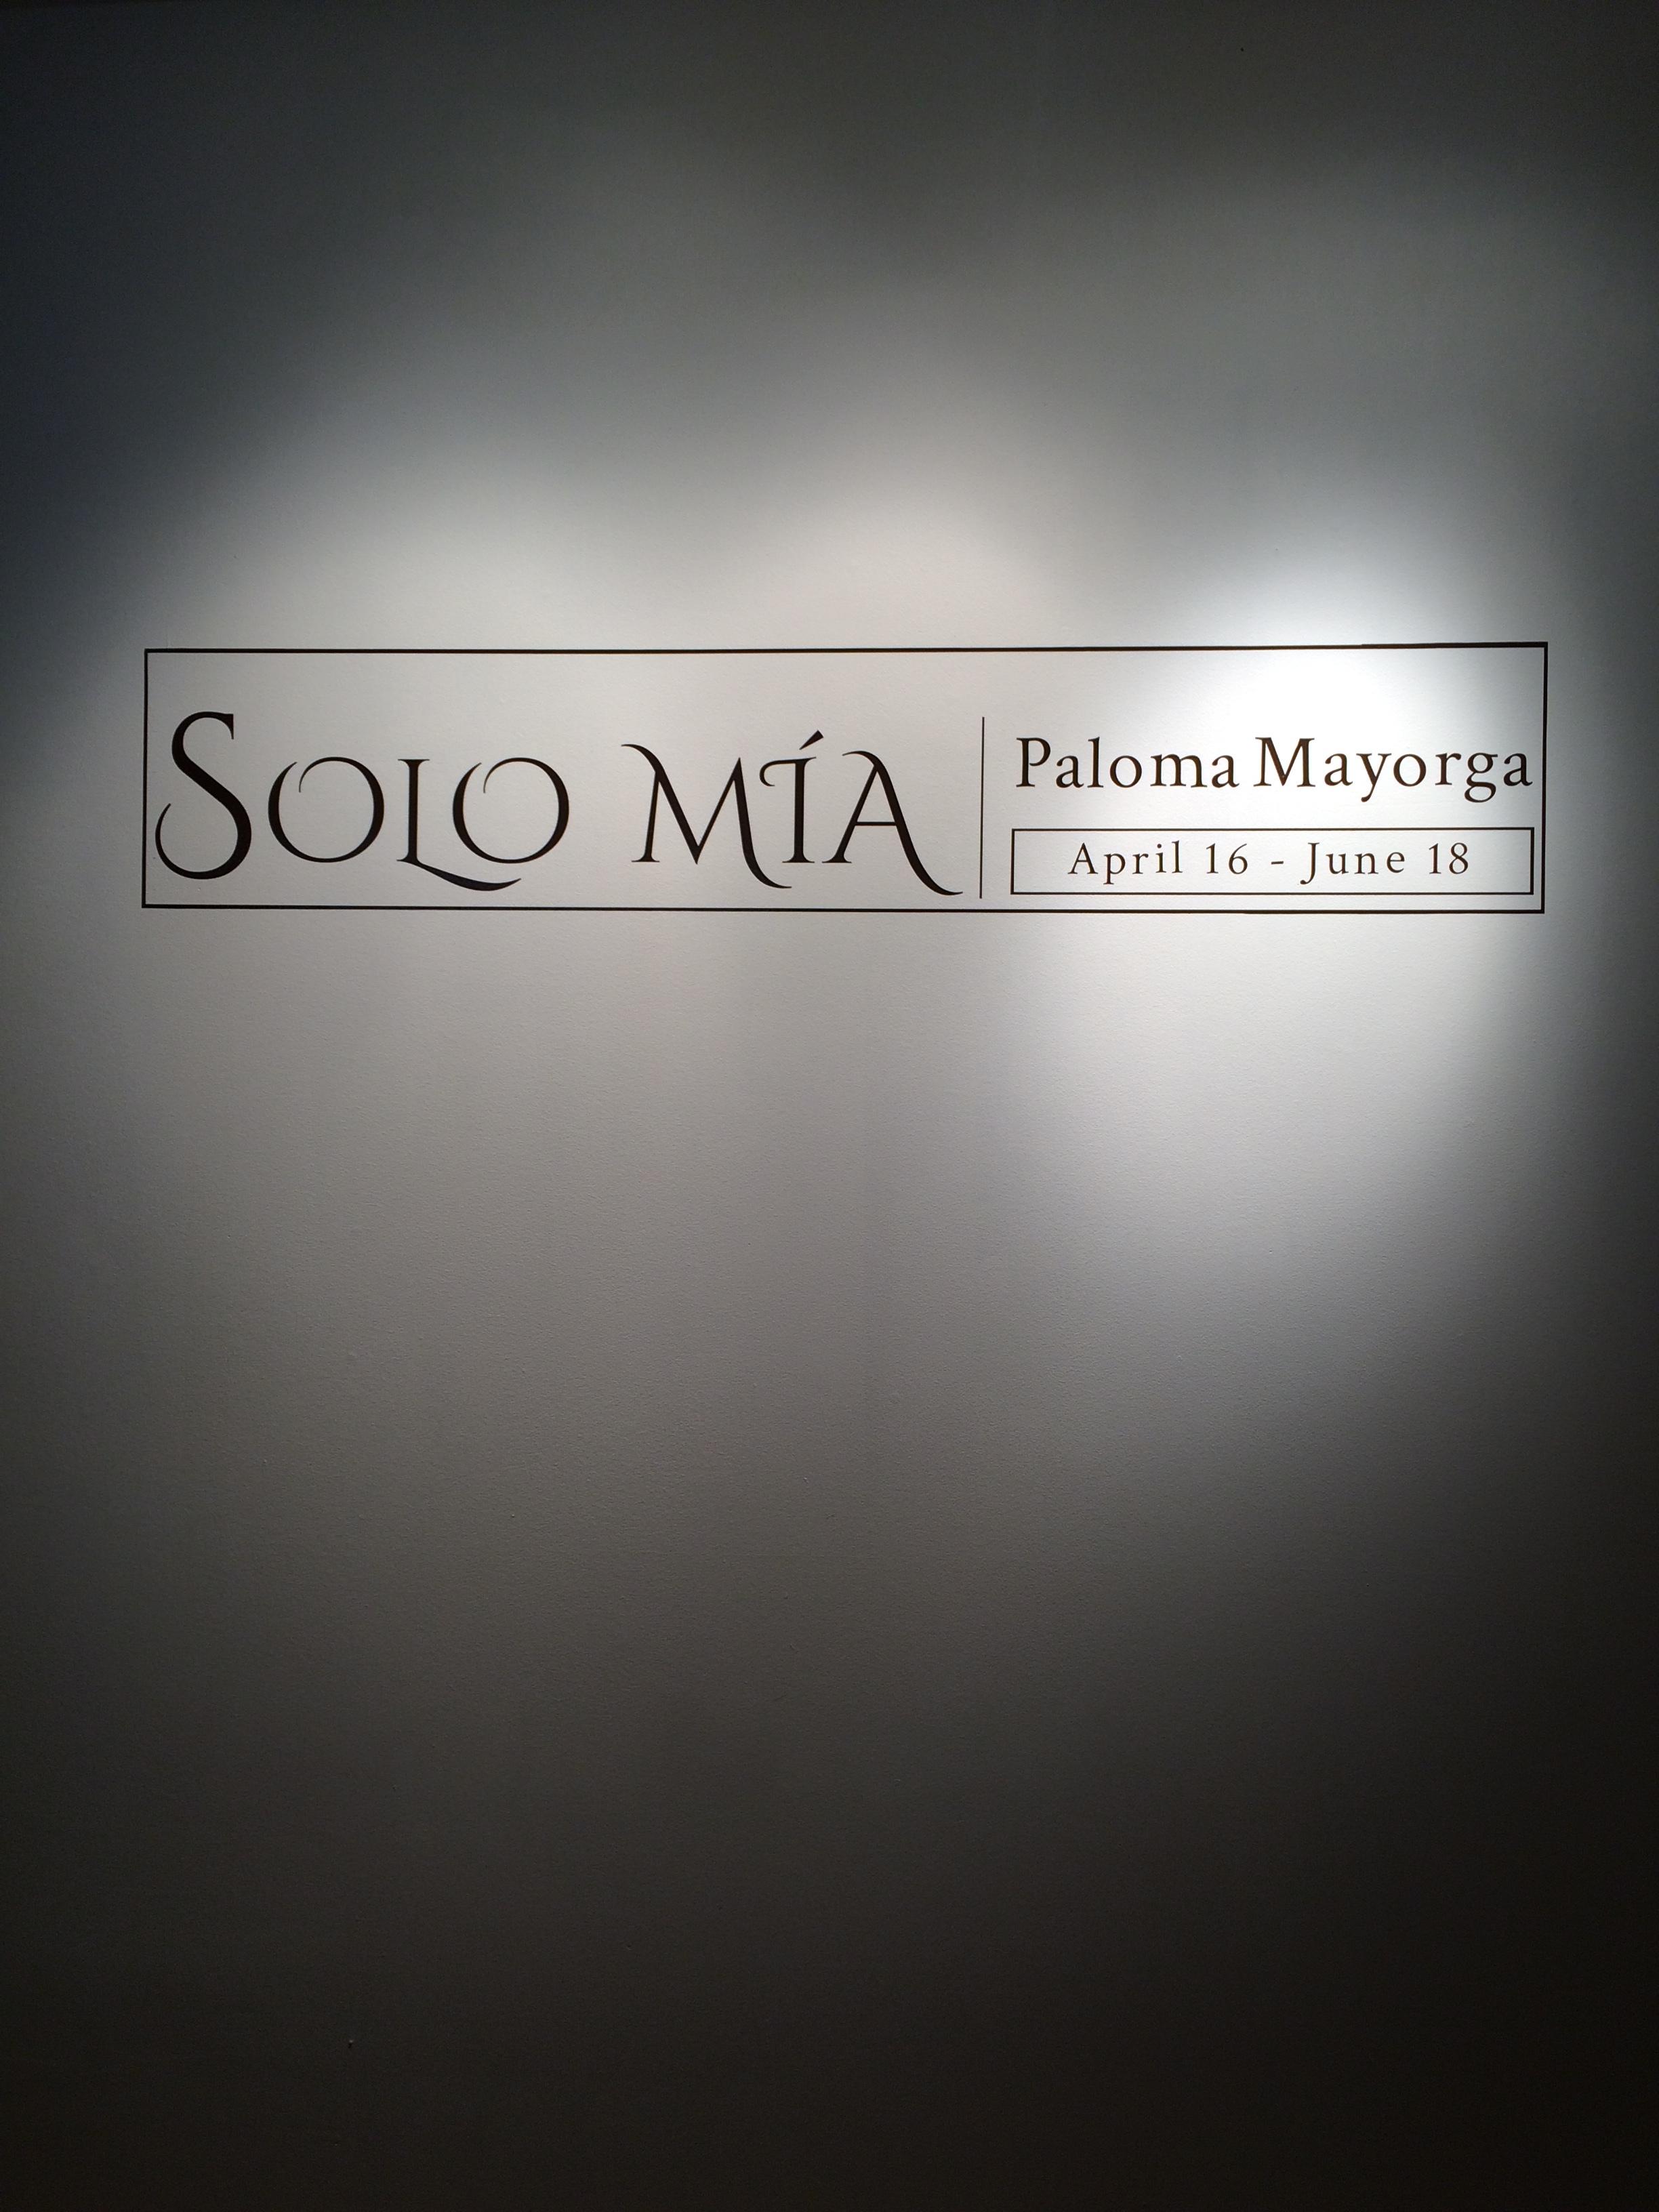 SOLO MIA_01.JPG